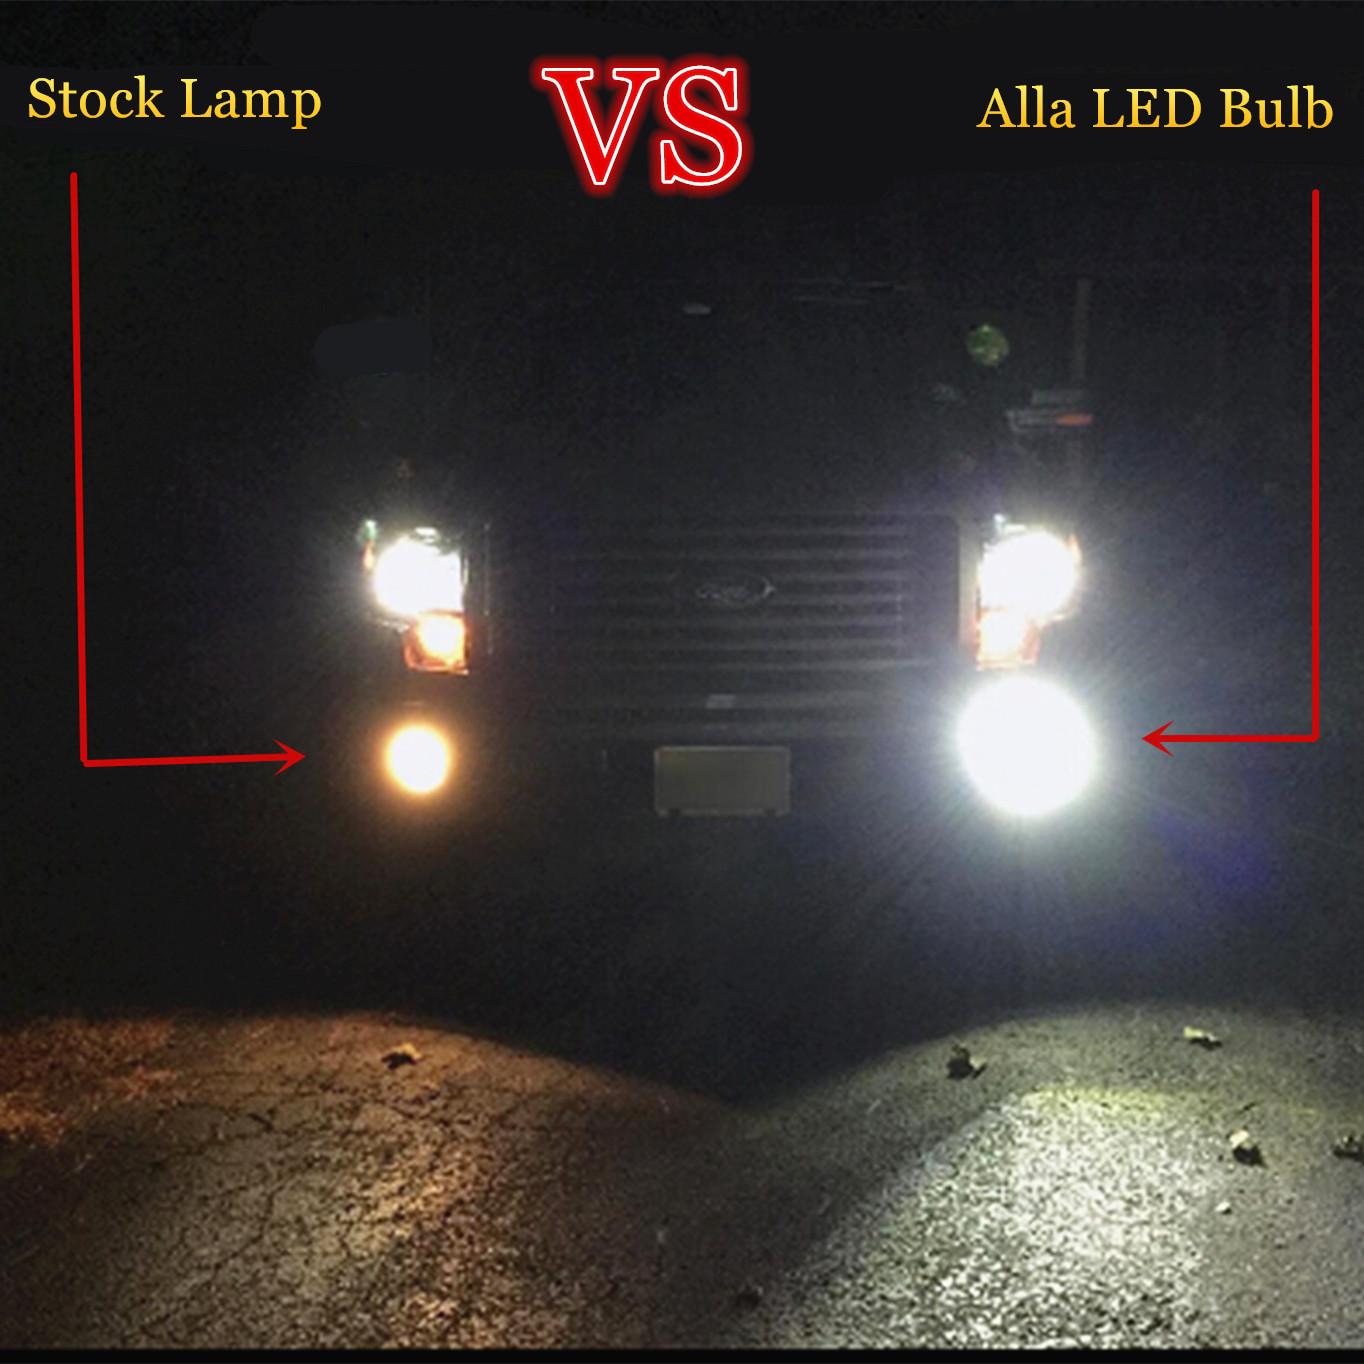 H7-LED-Fog-Daytime-Running-Light-Bulb-DRL-White-VS-Halogen-55w-Lamp